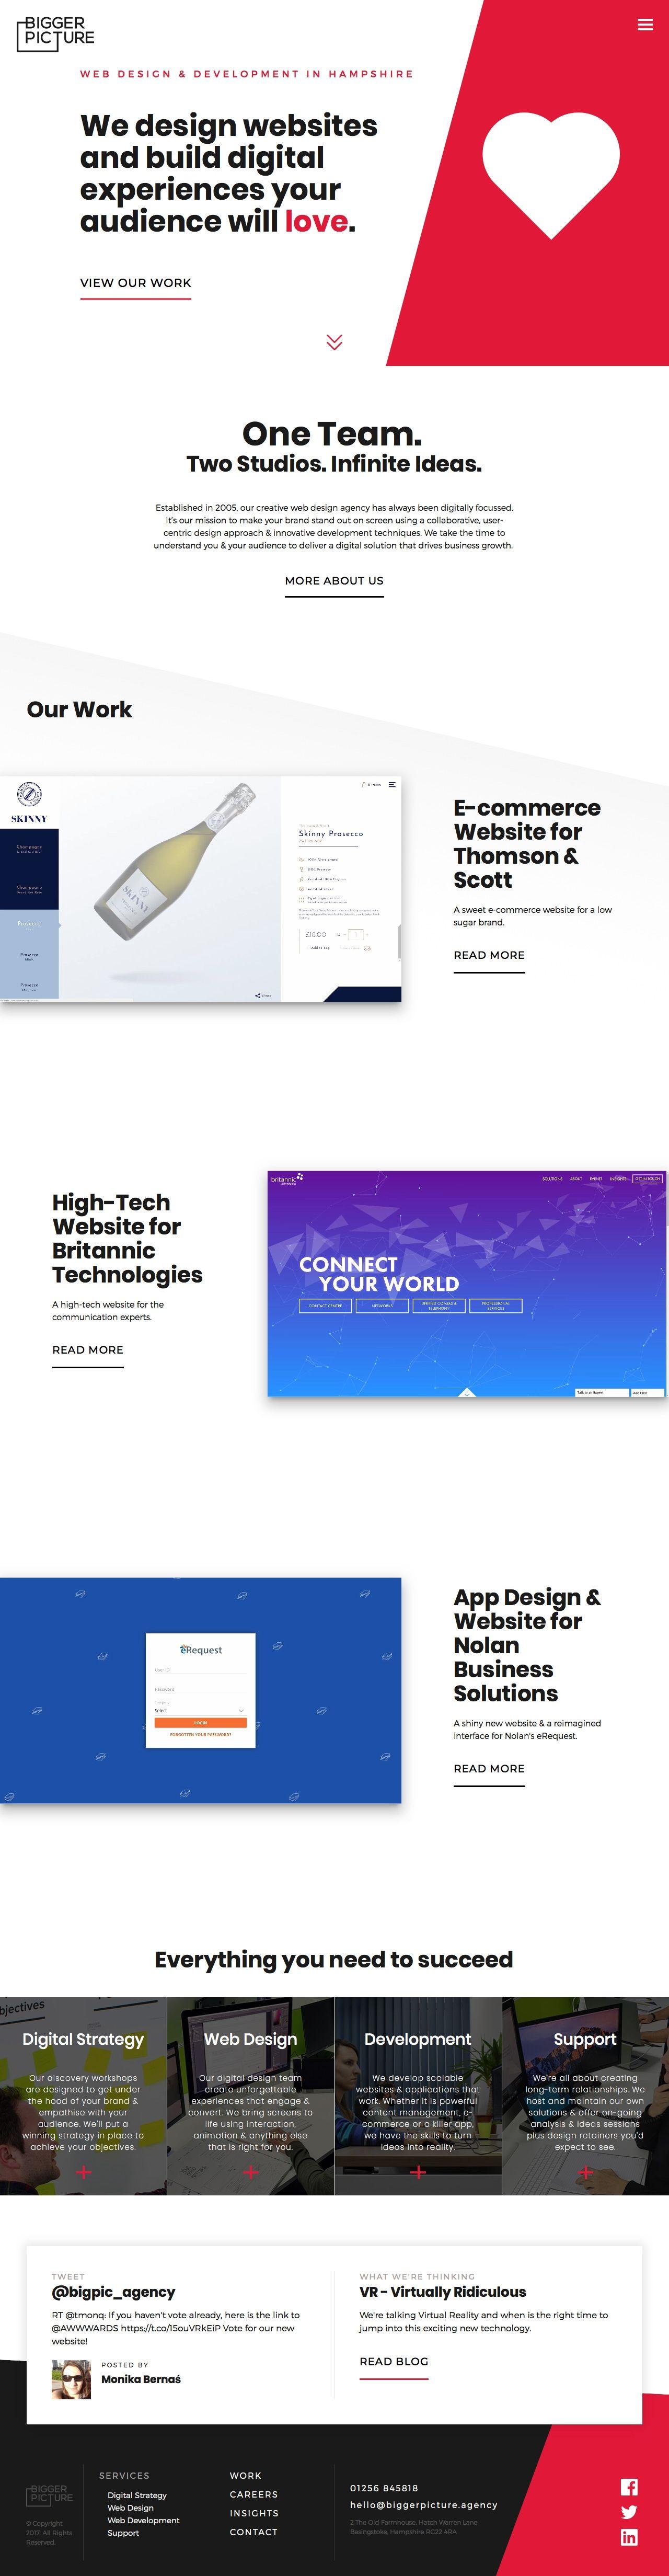 Bigger Picture The Digital Design Agency Web Design Best Landing Page Design Creative Web Design